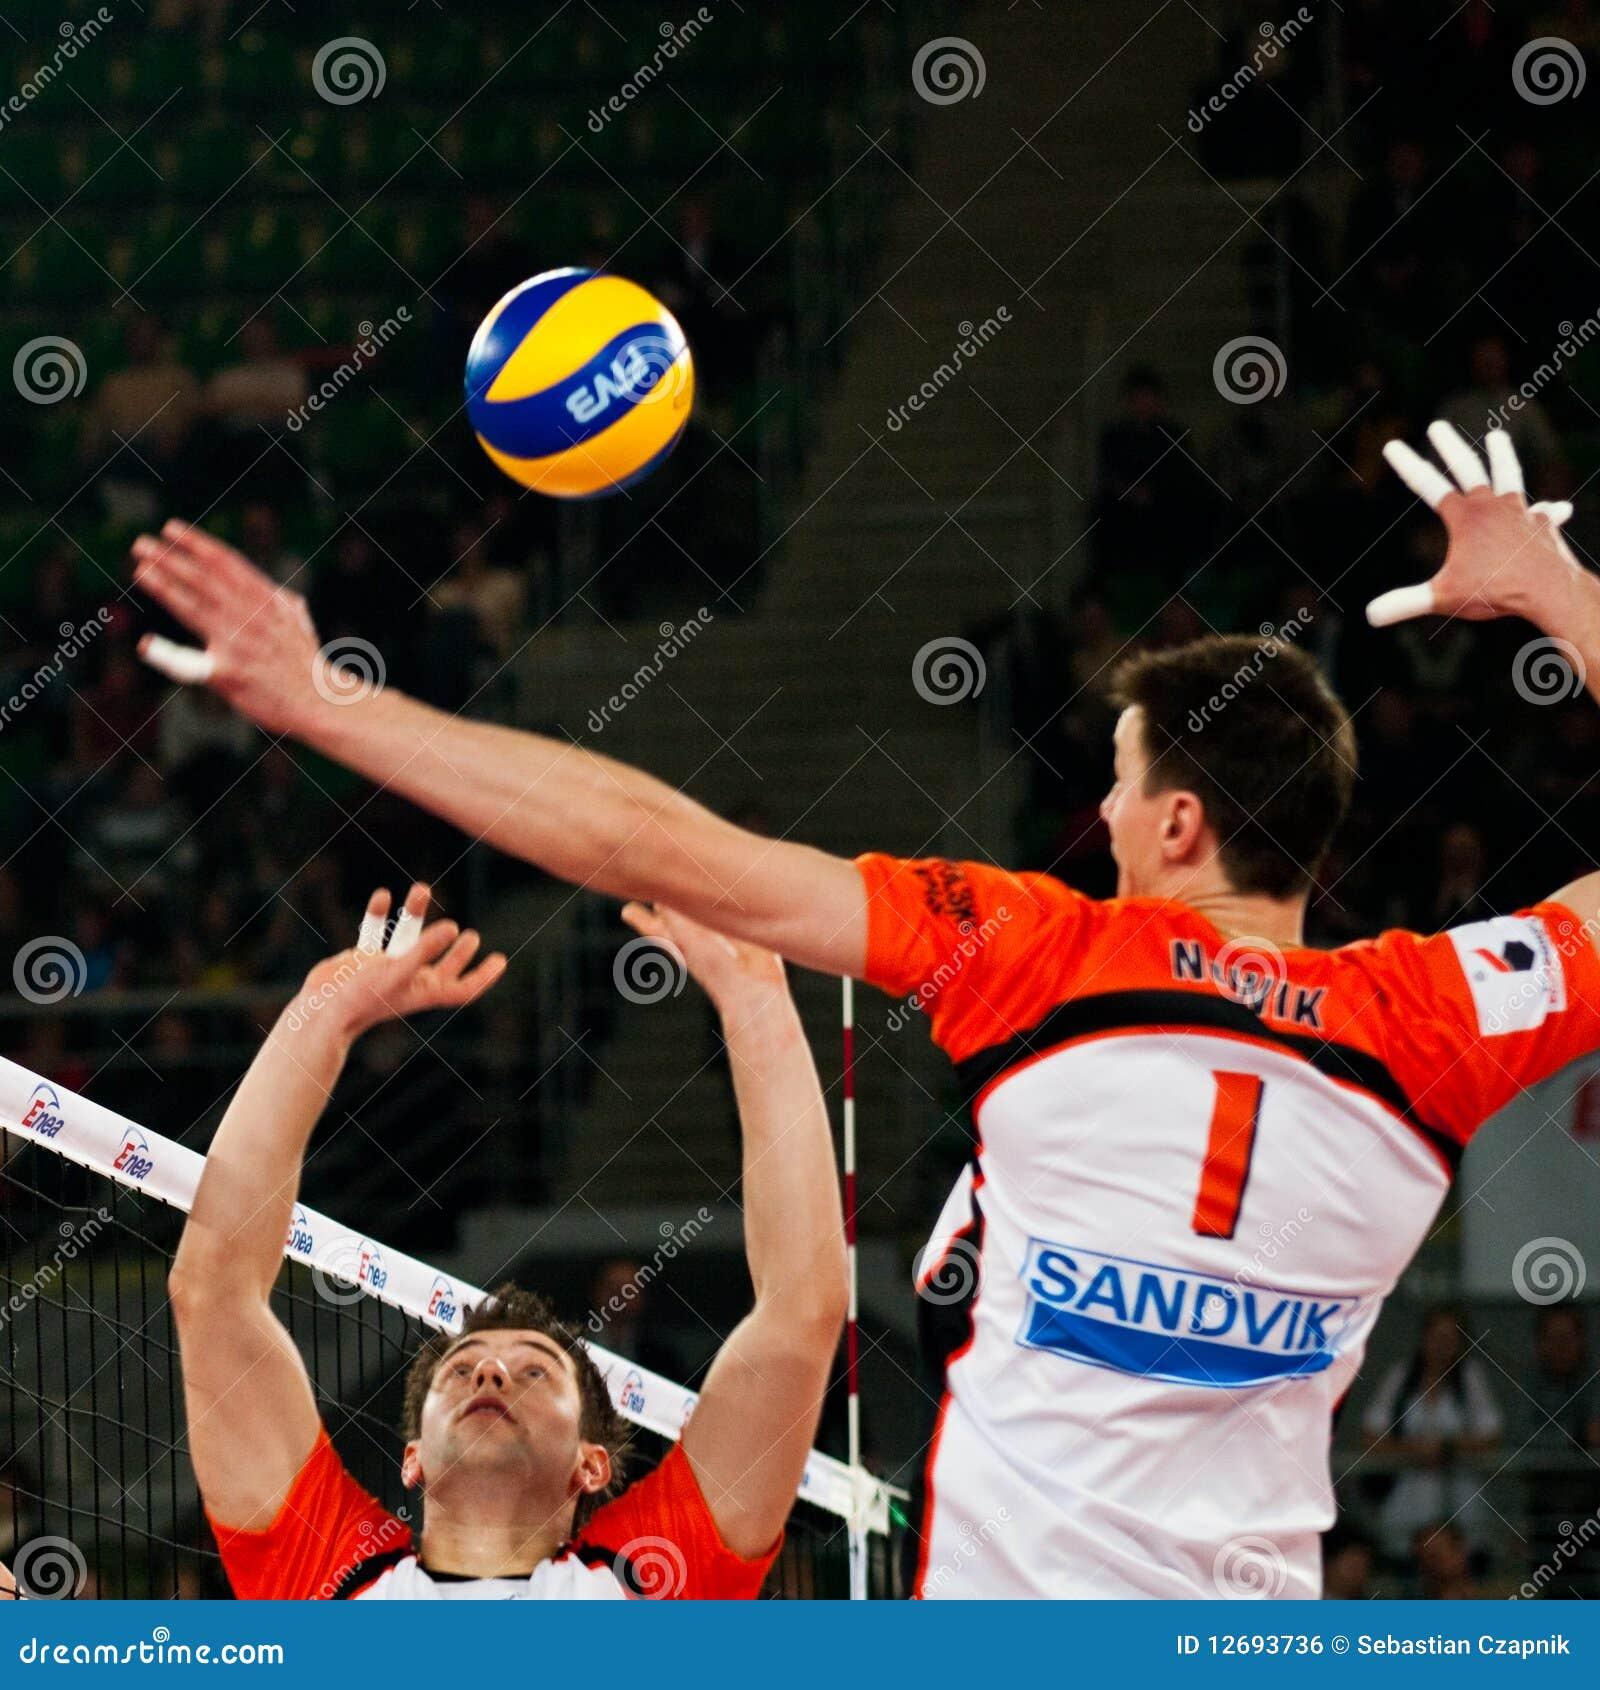 Enea Cup Poland finals